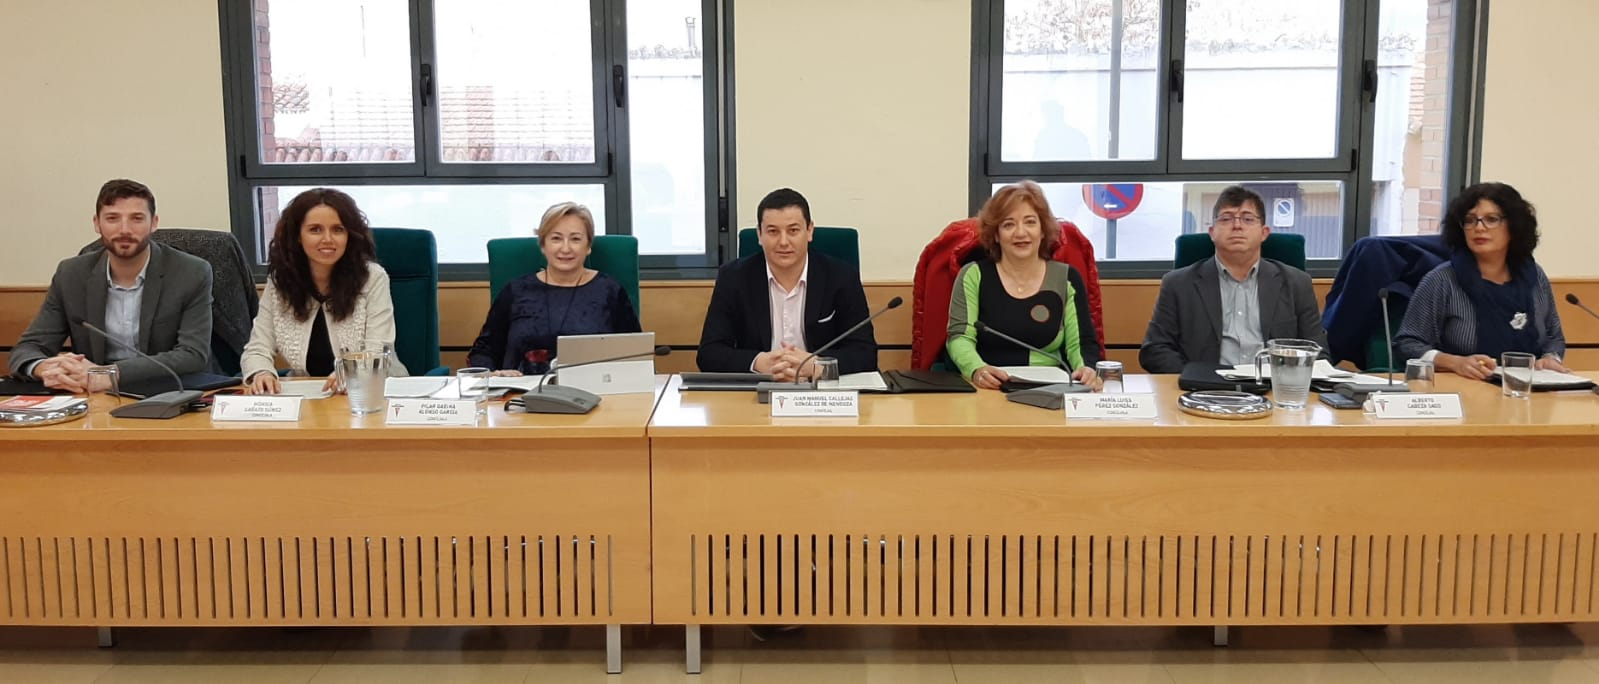 La emergencia educativa o los Centros de Mayores, preguntas en el Pleno Municipal.